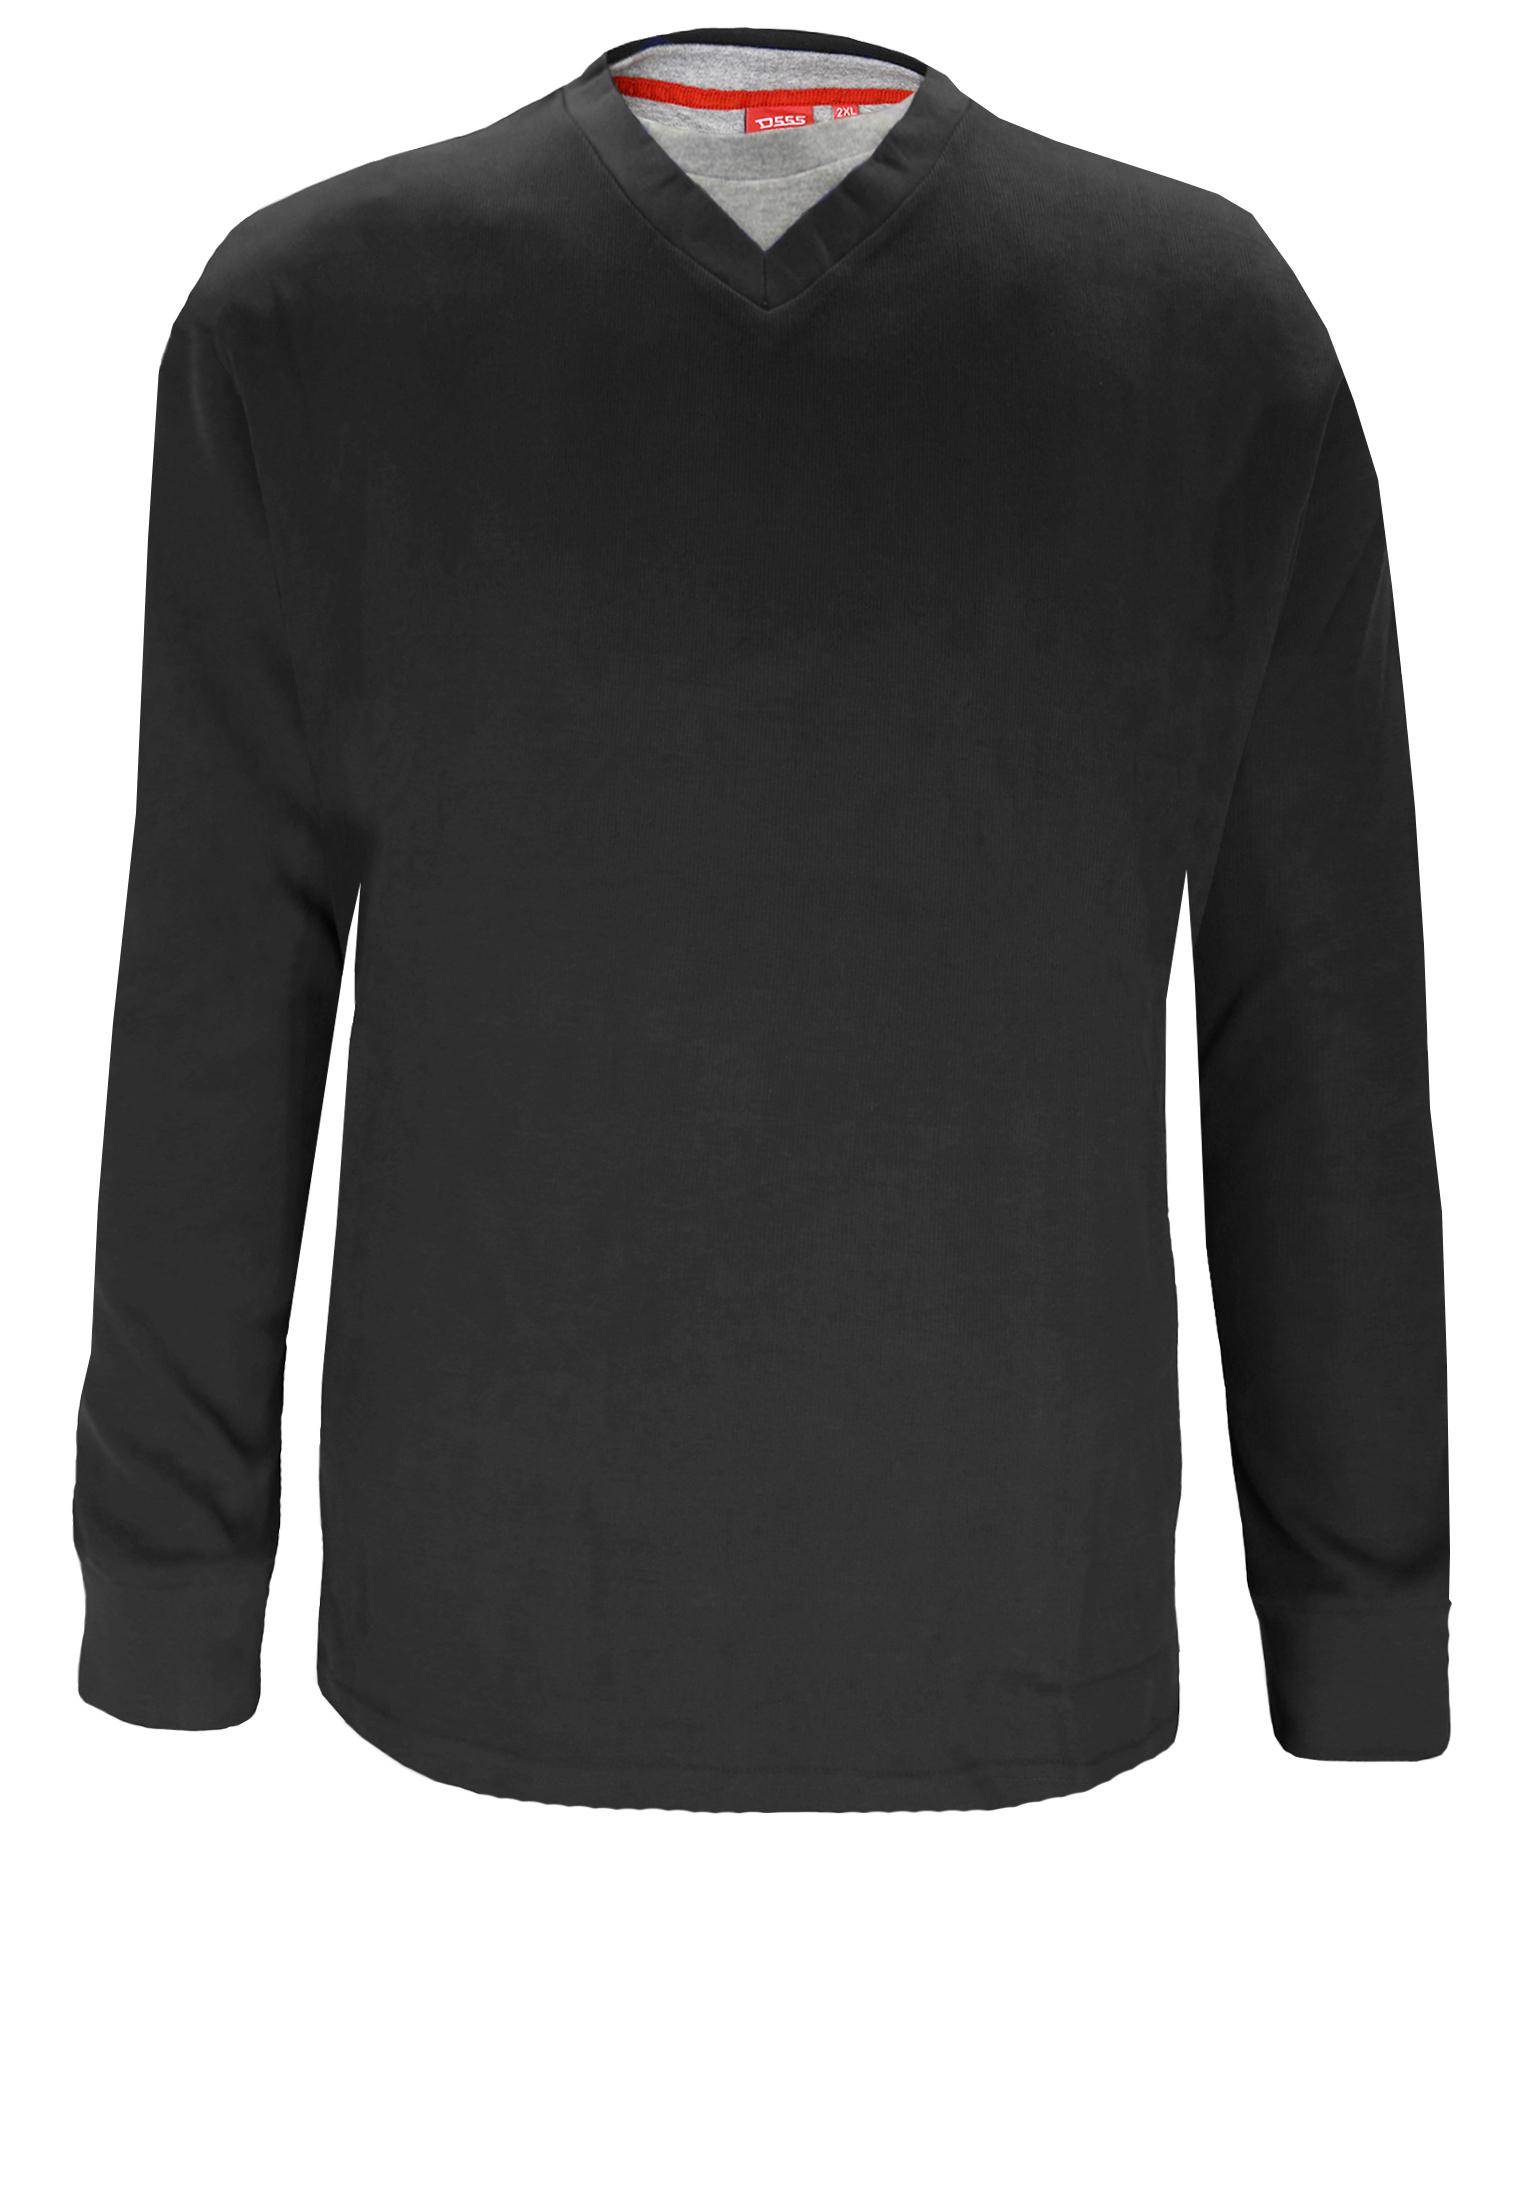 Effen trui van D555. Deze trui is gemaakt van elastische rib-breisel. Bij de V-hals is een grijze kraag ingenaaid met ronde hals, dit geeft de trui een leuk effect. Het is een niet al te dikke trui waardoor hij zowel met de minder koude dagen te dragen is en als het wat kouder is onder een vest te dragen is. Erg leuke trui om op een spijkerbroek te dragen.